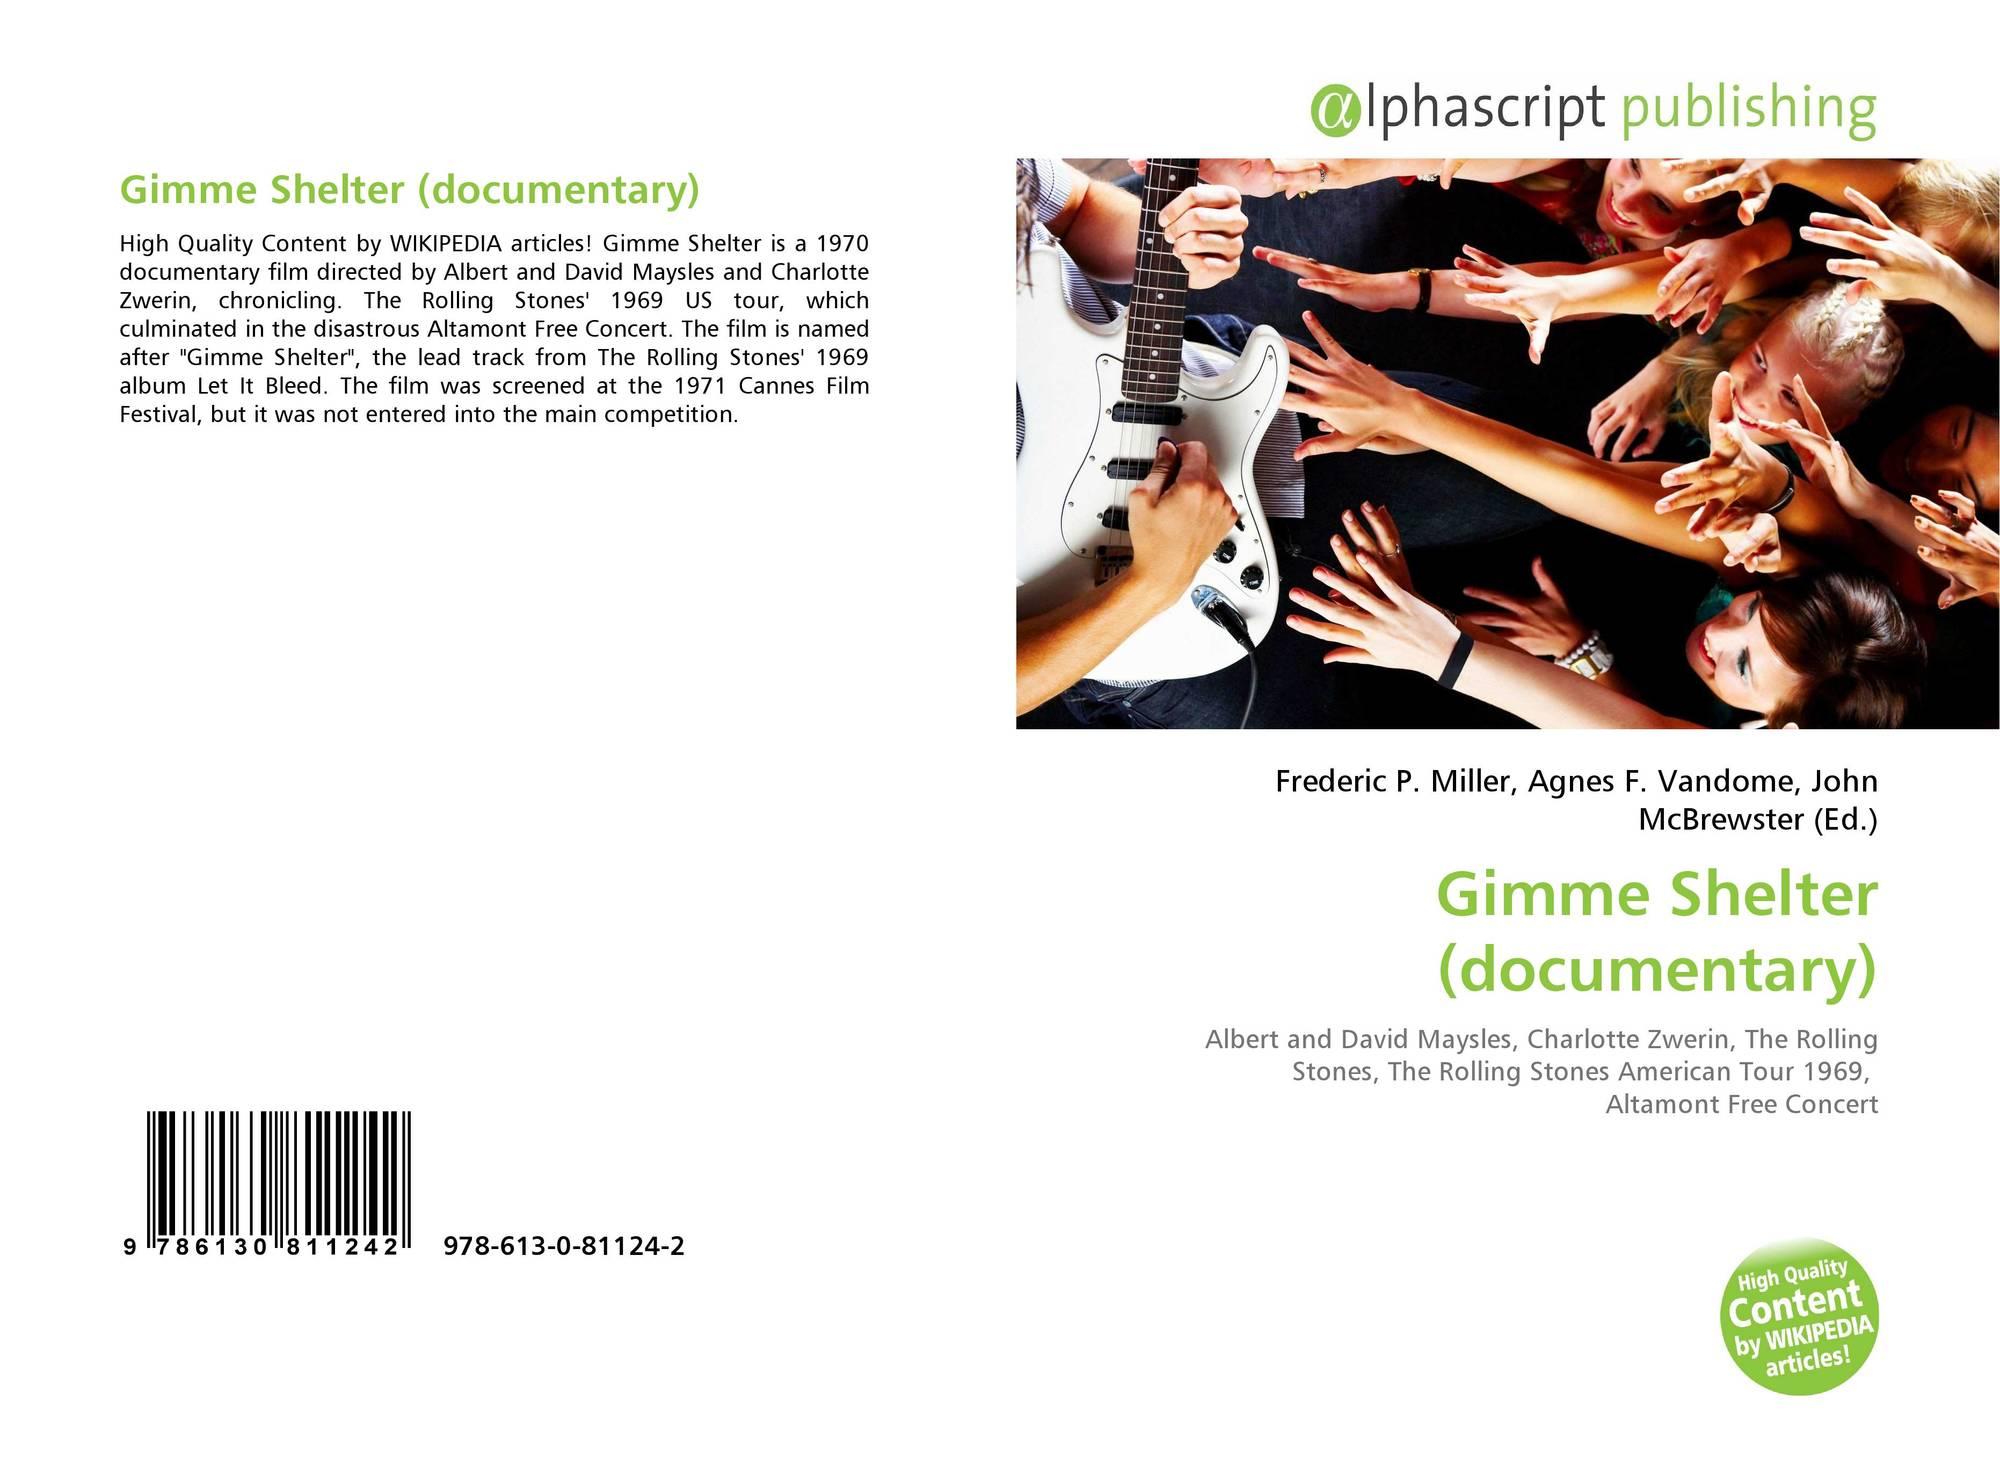 Gimme Shelter (documentary), 978-613-0-81124-2, 6130811241